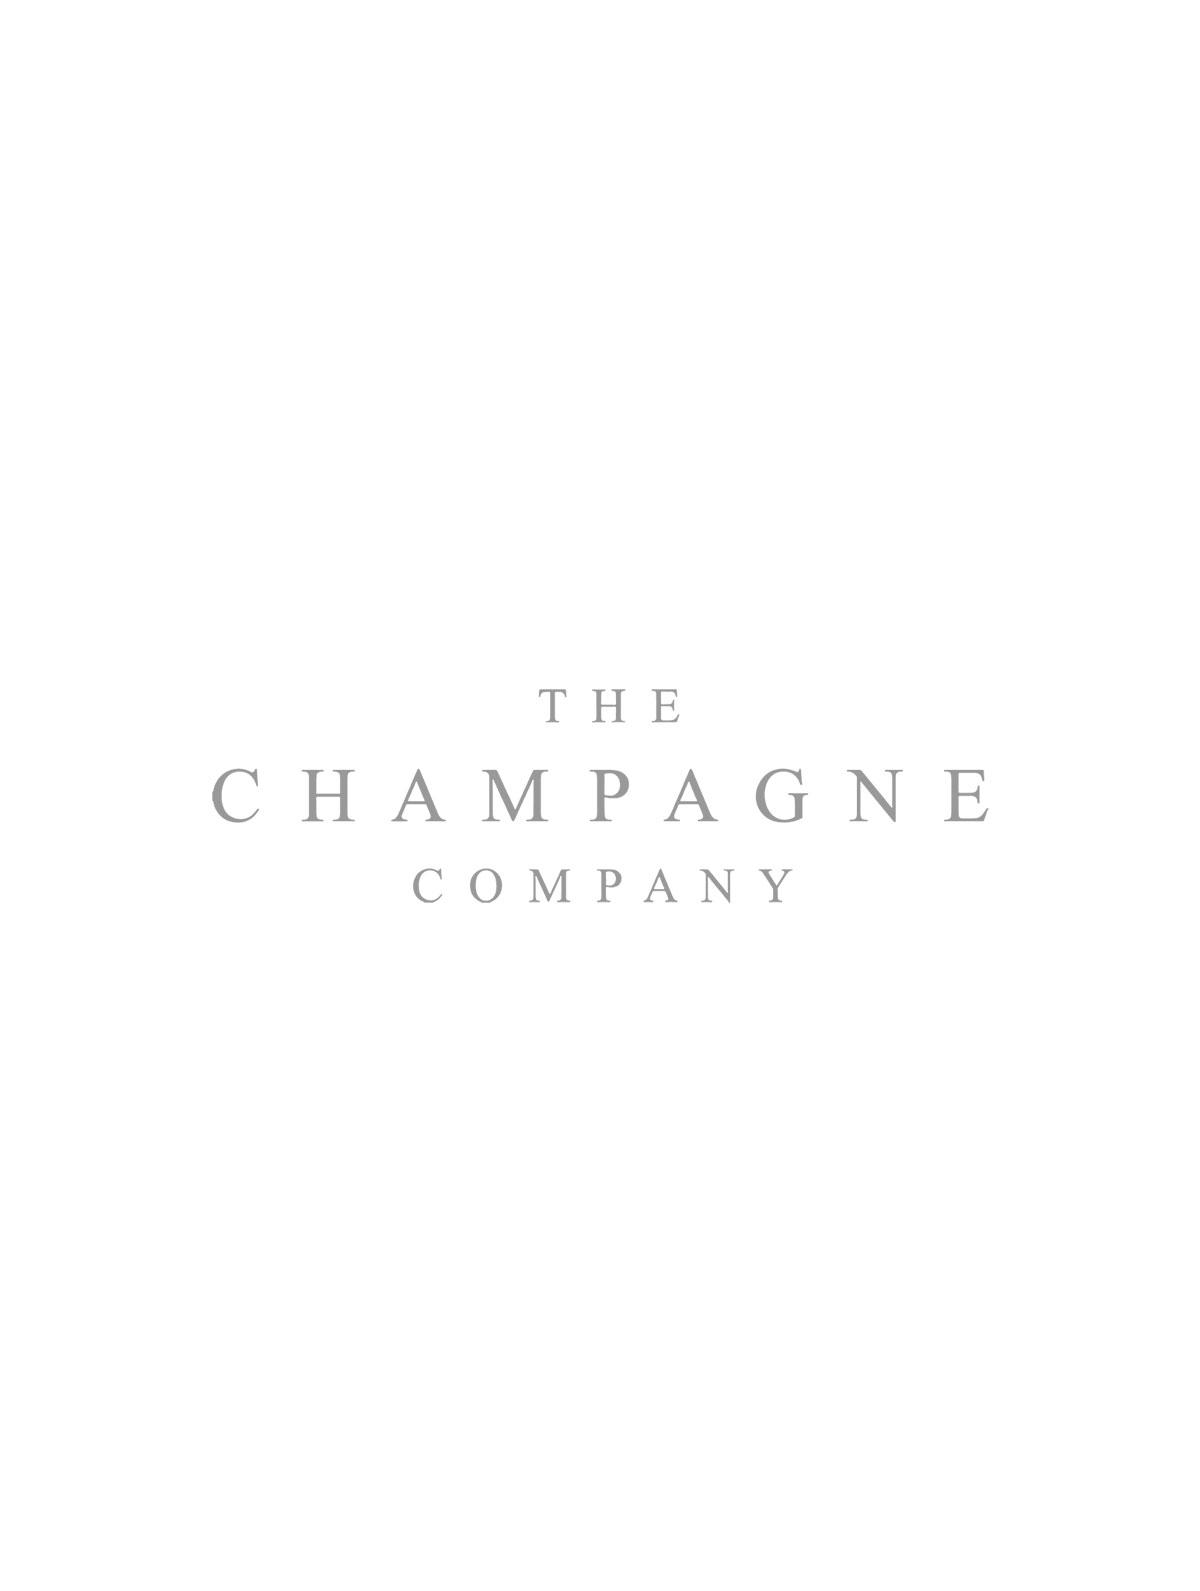 Dom Perignon 1983 Plenitude P3 Vintage Champagne 75cl Gift Boxed